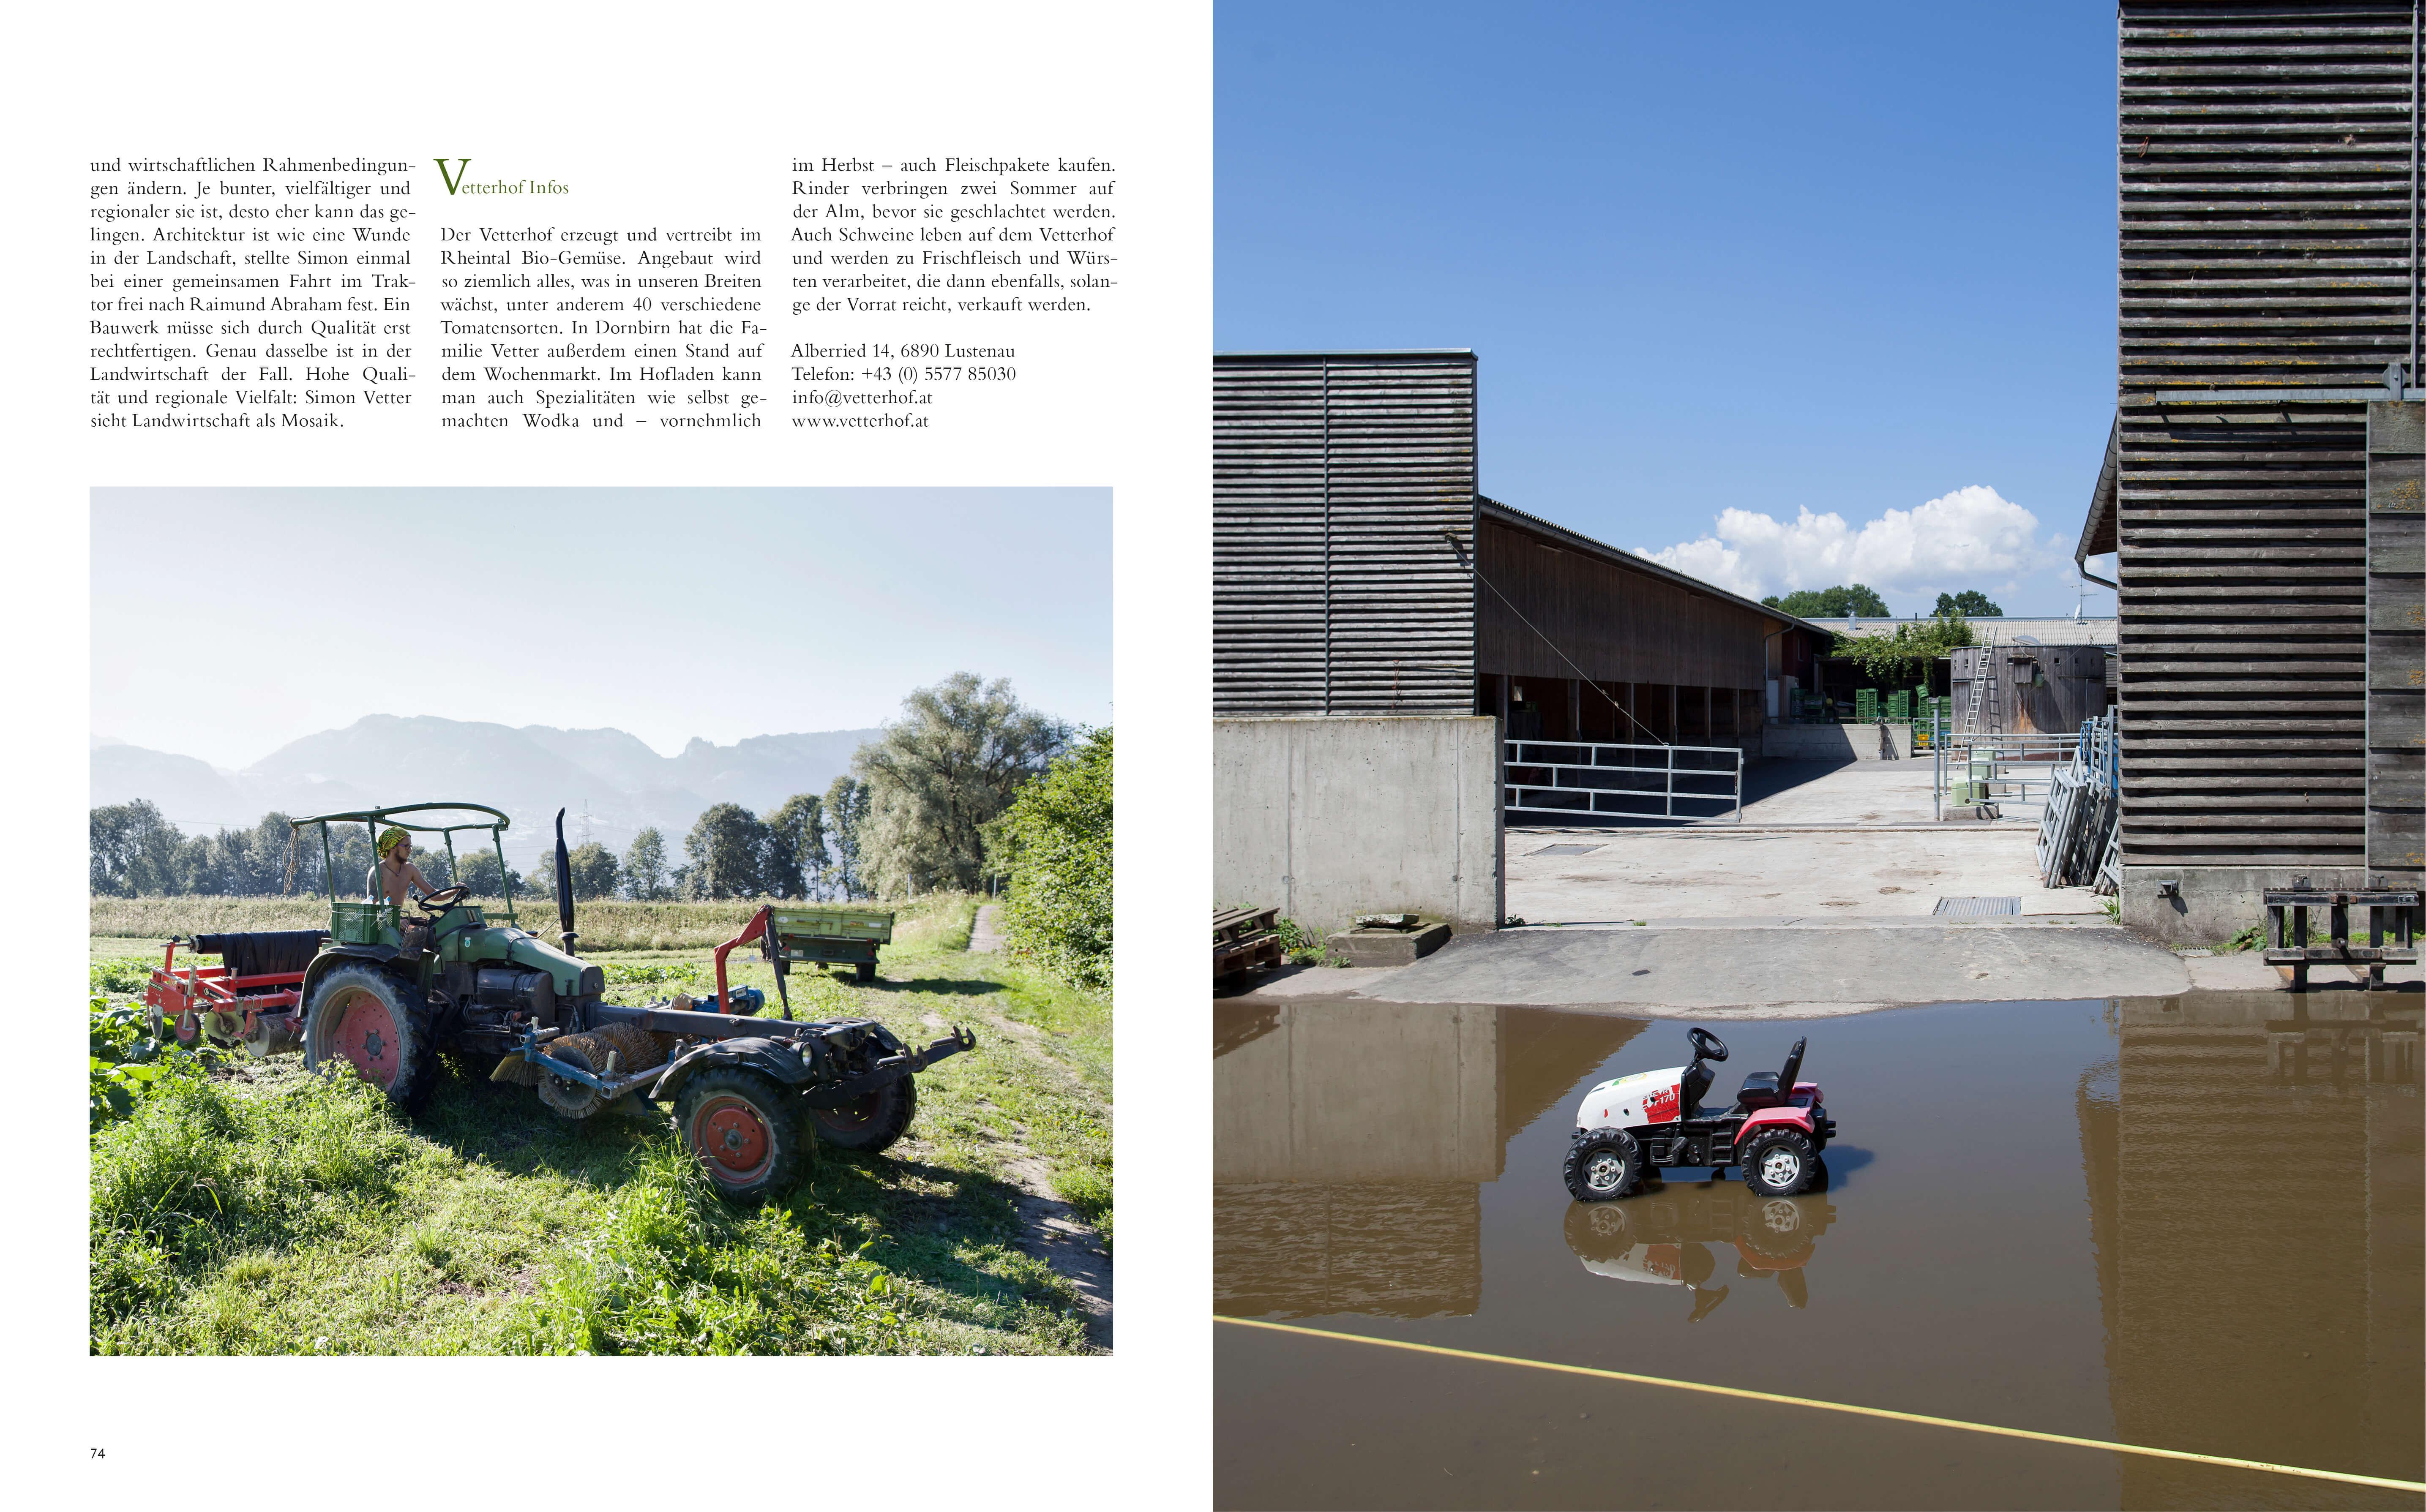 Ab Hof kochbuch, Bauernhof, Simon Vetter